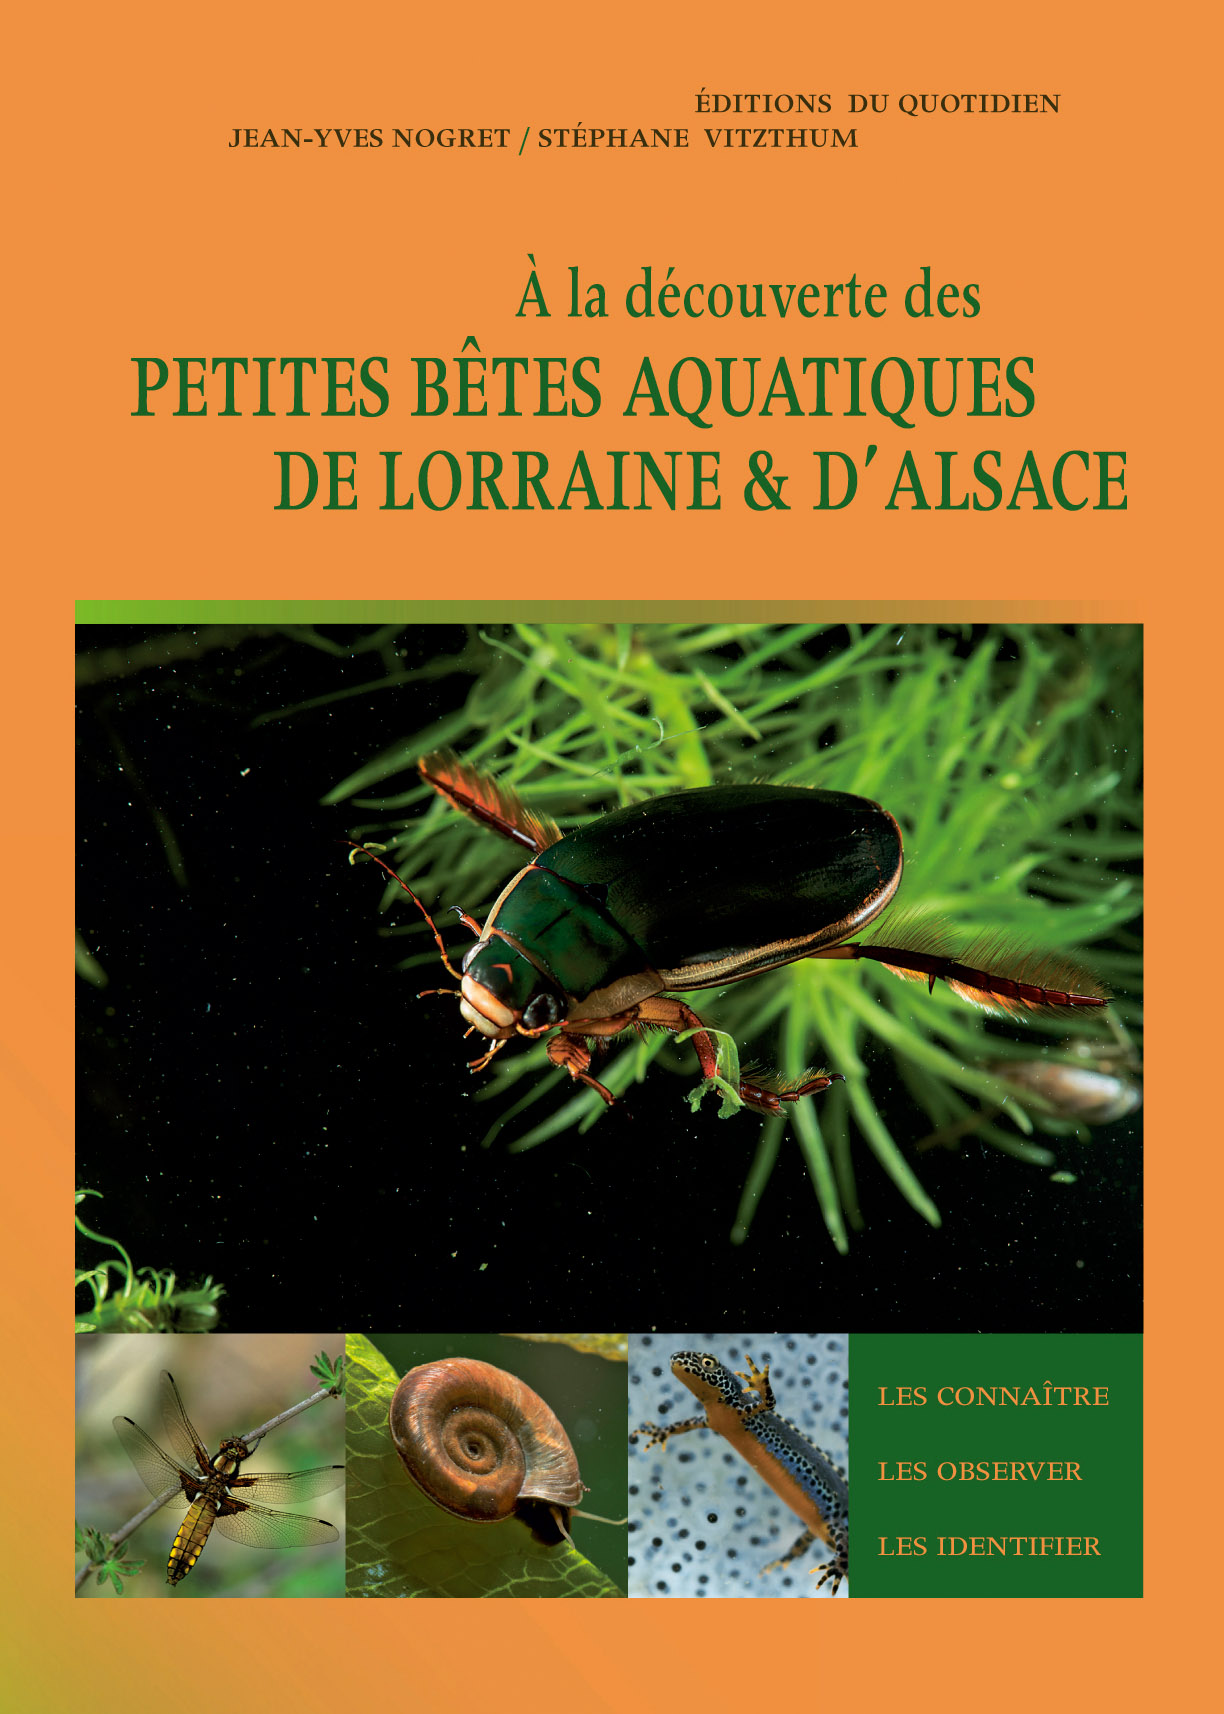 A la découverte des petites bêtes aquatiques de Lorraine et d'Alsace